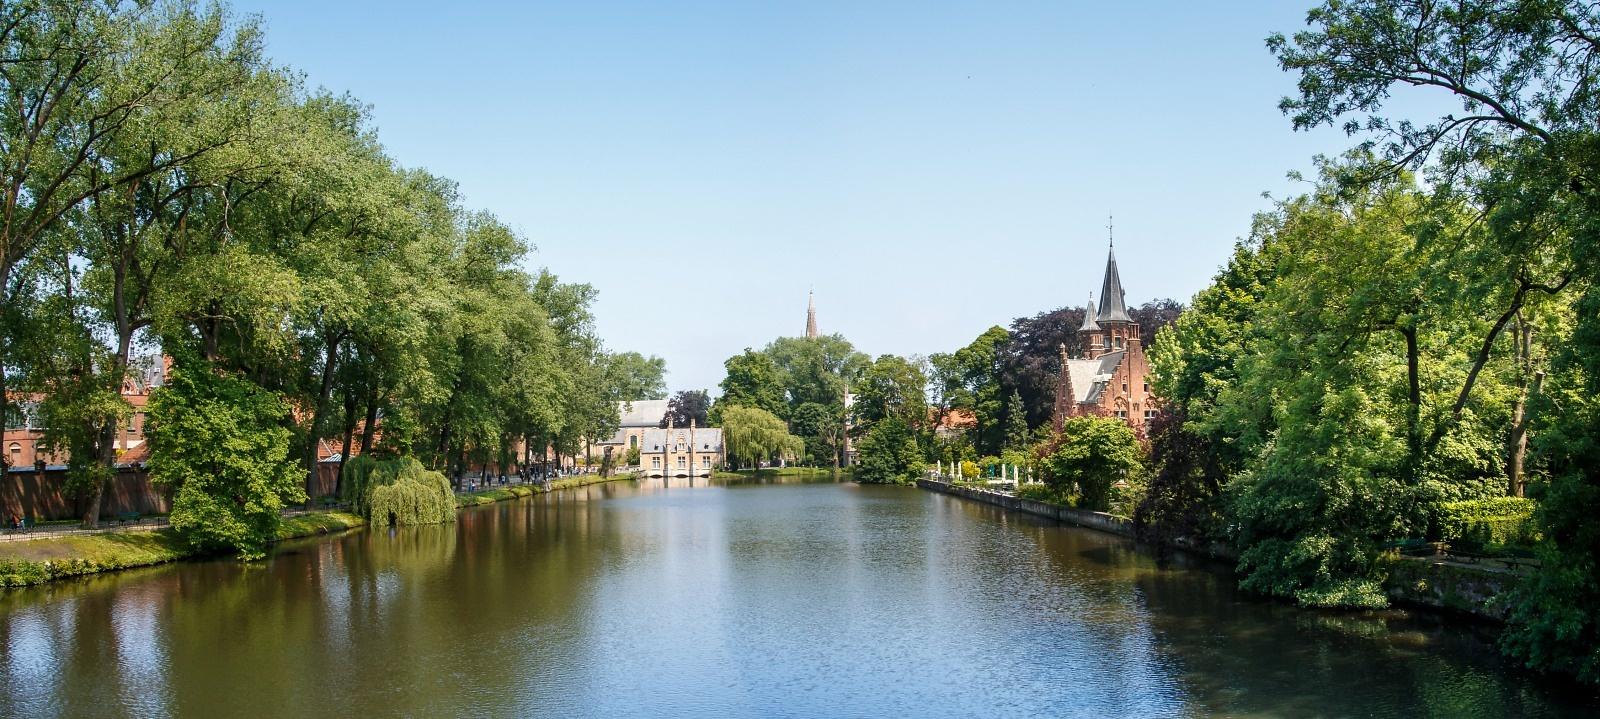 Bruges by MarcWillems